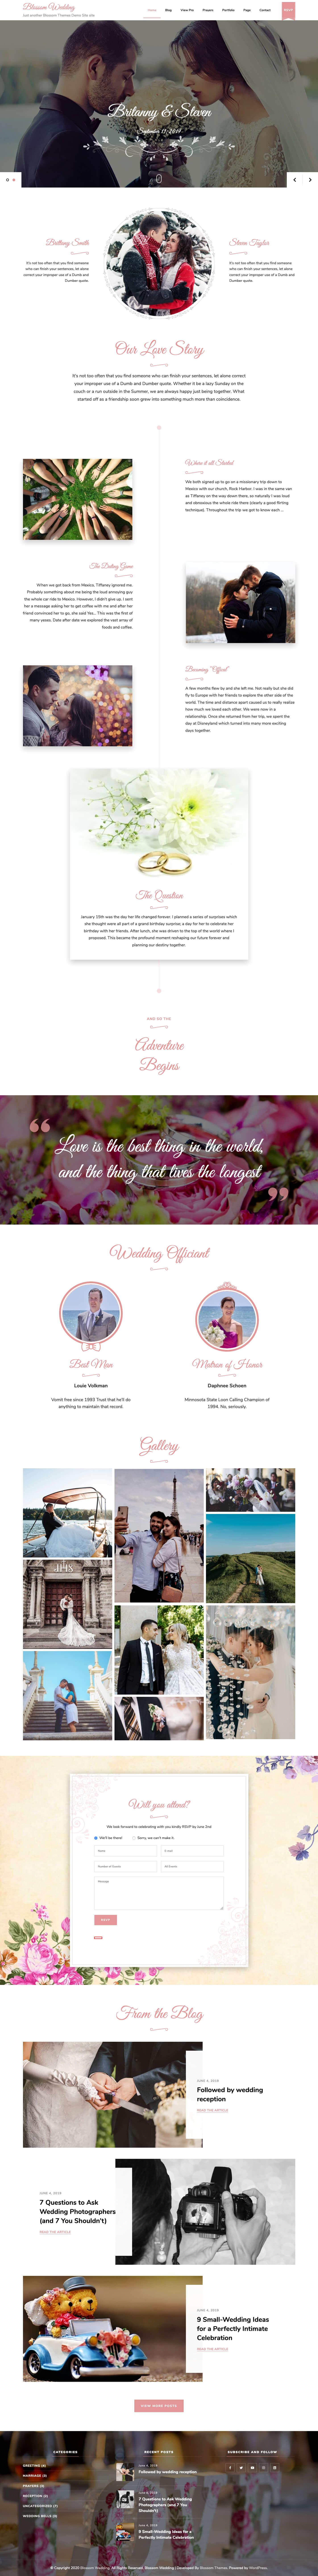 Blossom Wedding - tema de WordPress para bodas